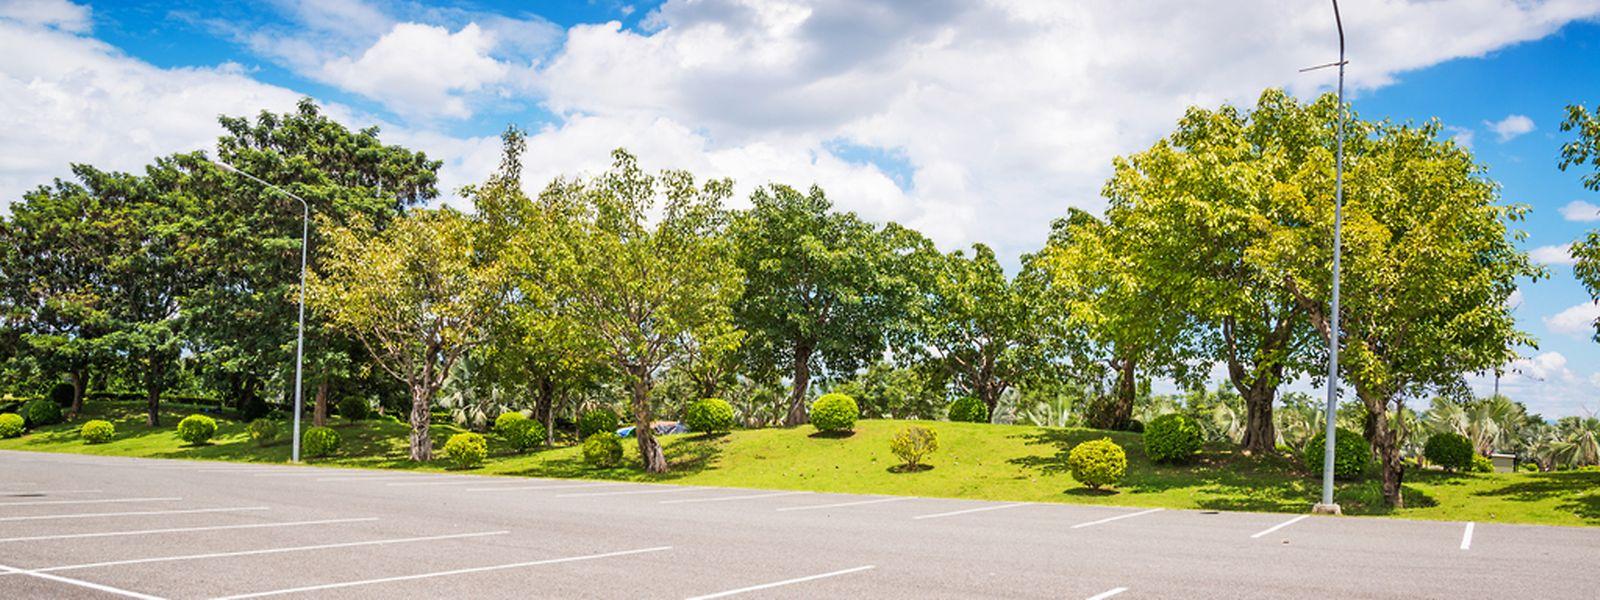 Idealbild der Kampagne: leere Parkplätze und leere Straßen.⋌(FOTO: SHUTTERSTOCK)